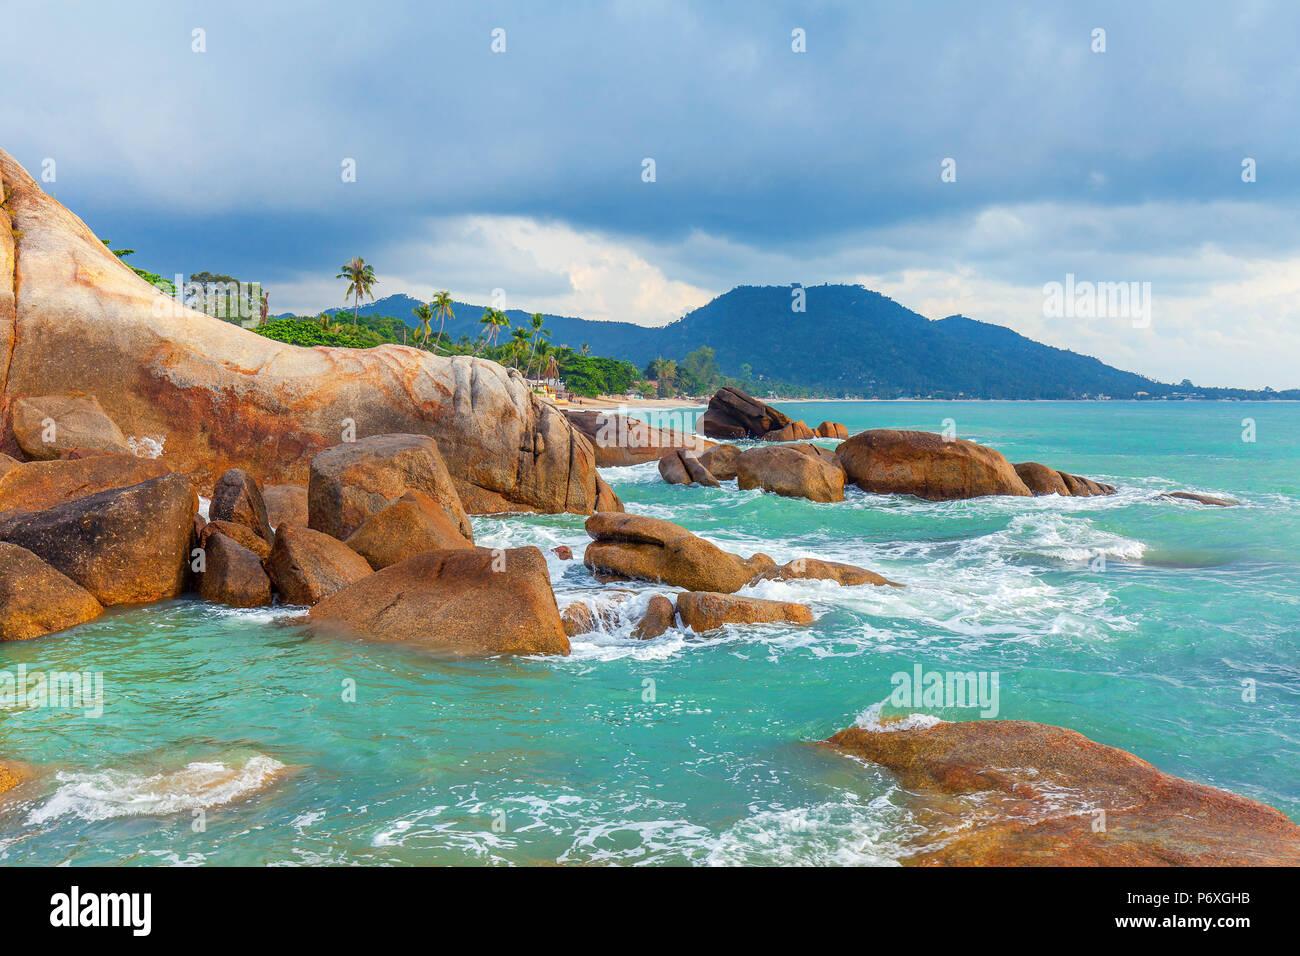 La mer d'azur et les roches rouges de l'île de Koh Samui en Thaïlande. Photo Stock